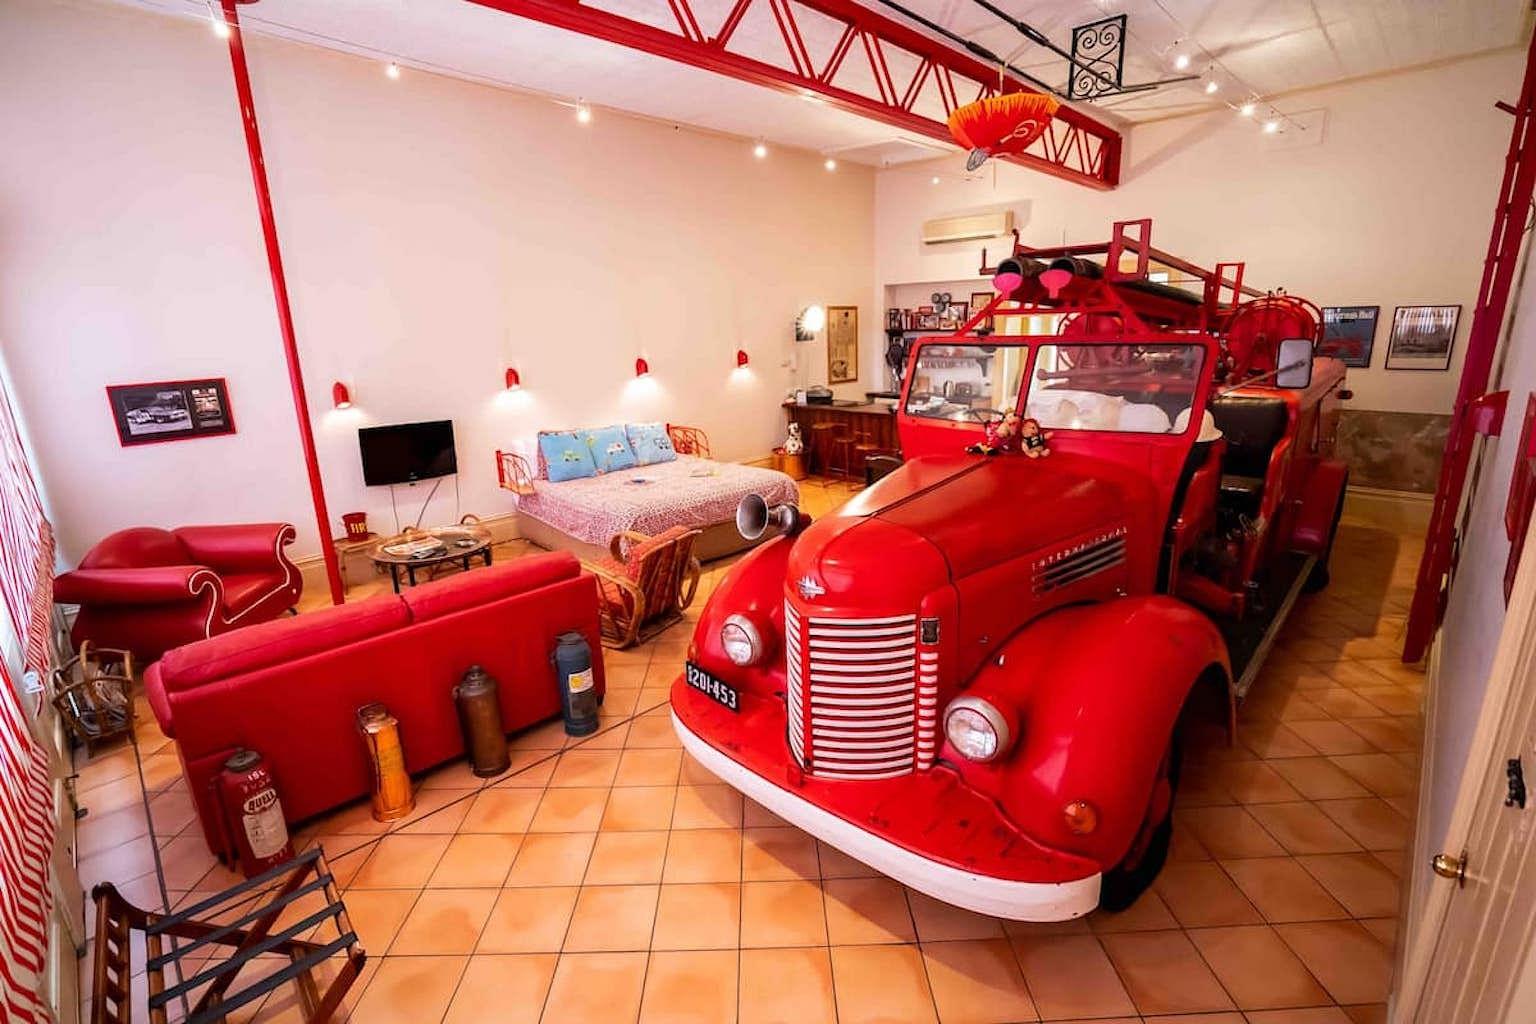 The Fire Station Inn Adelaide South Australia